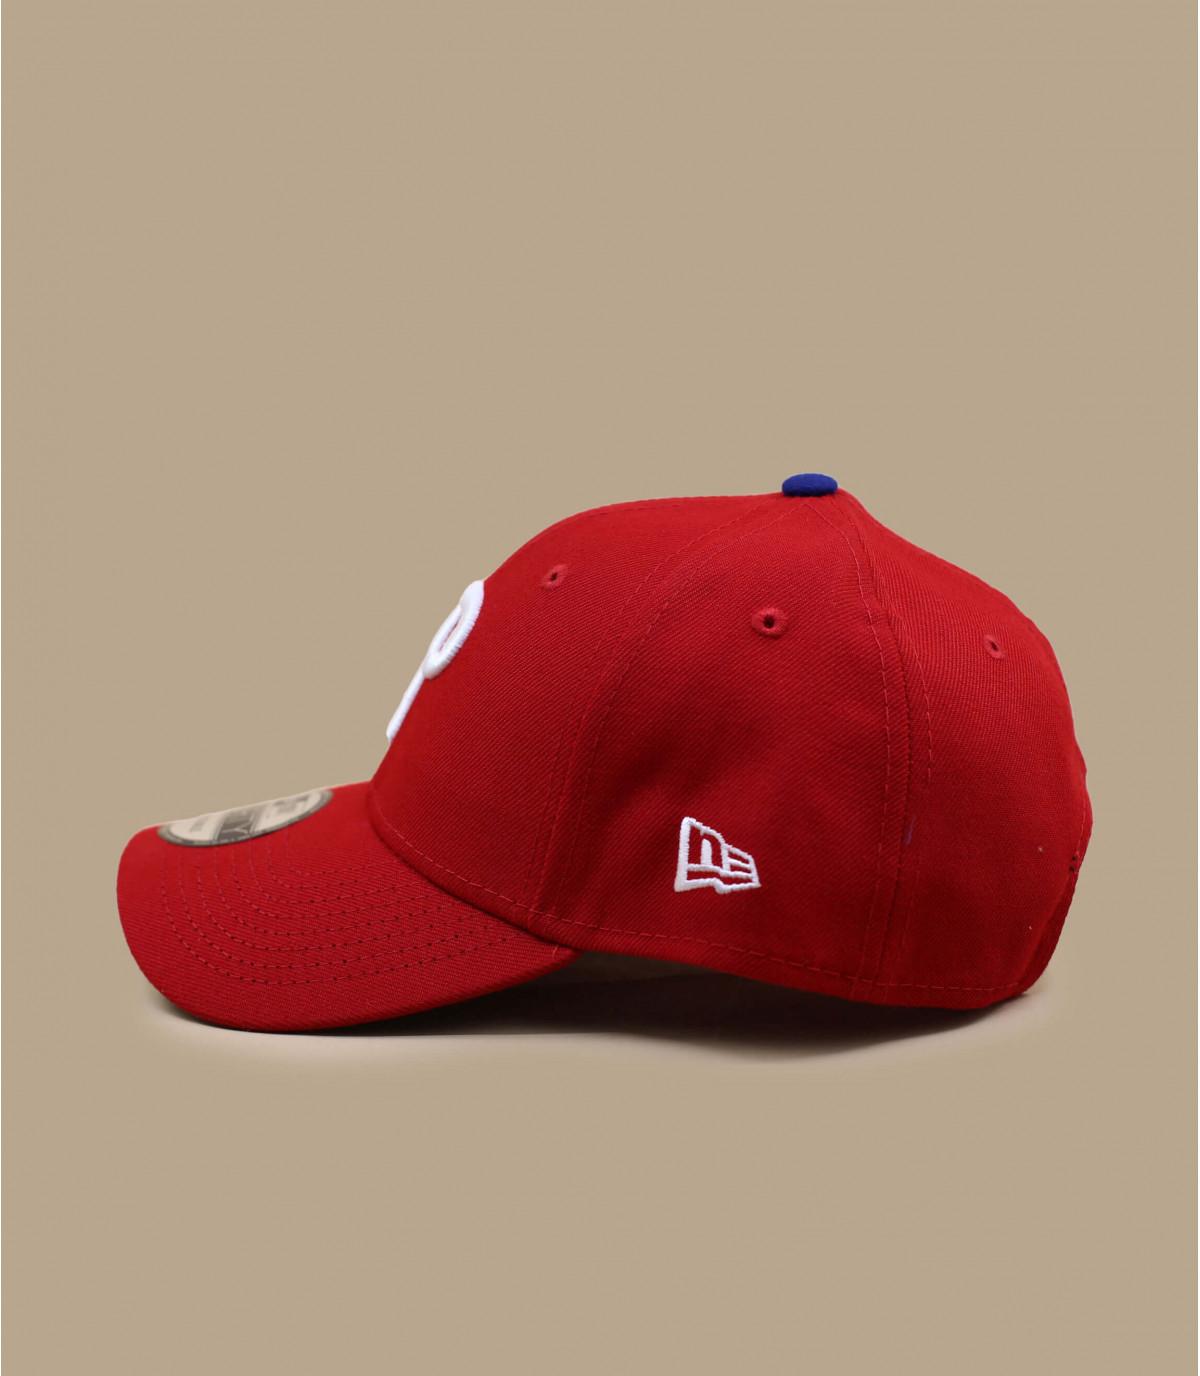 9521d2a46c5 New Era. Cap P rot. Details Cap Phillies MLB The League - Abbildung 5   Details Cap Phillies MLB The League - Abbildung 1 ...